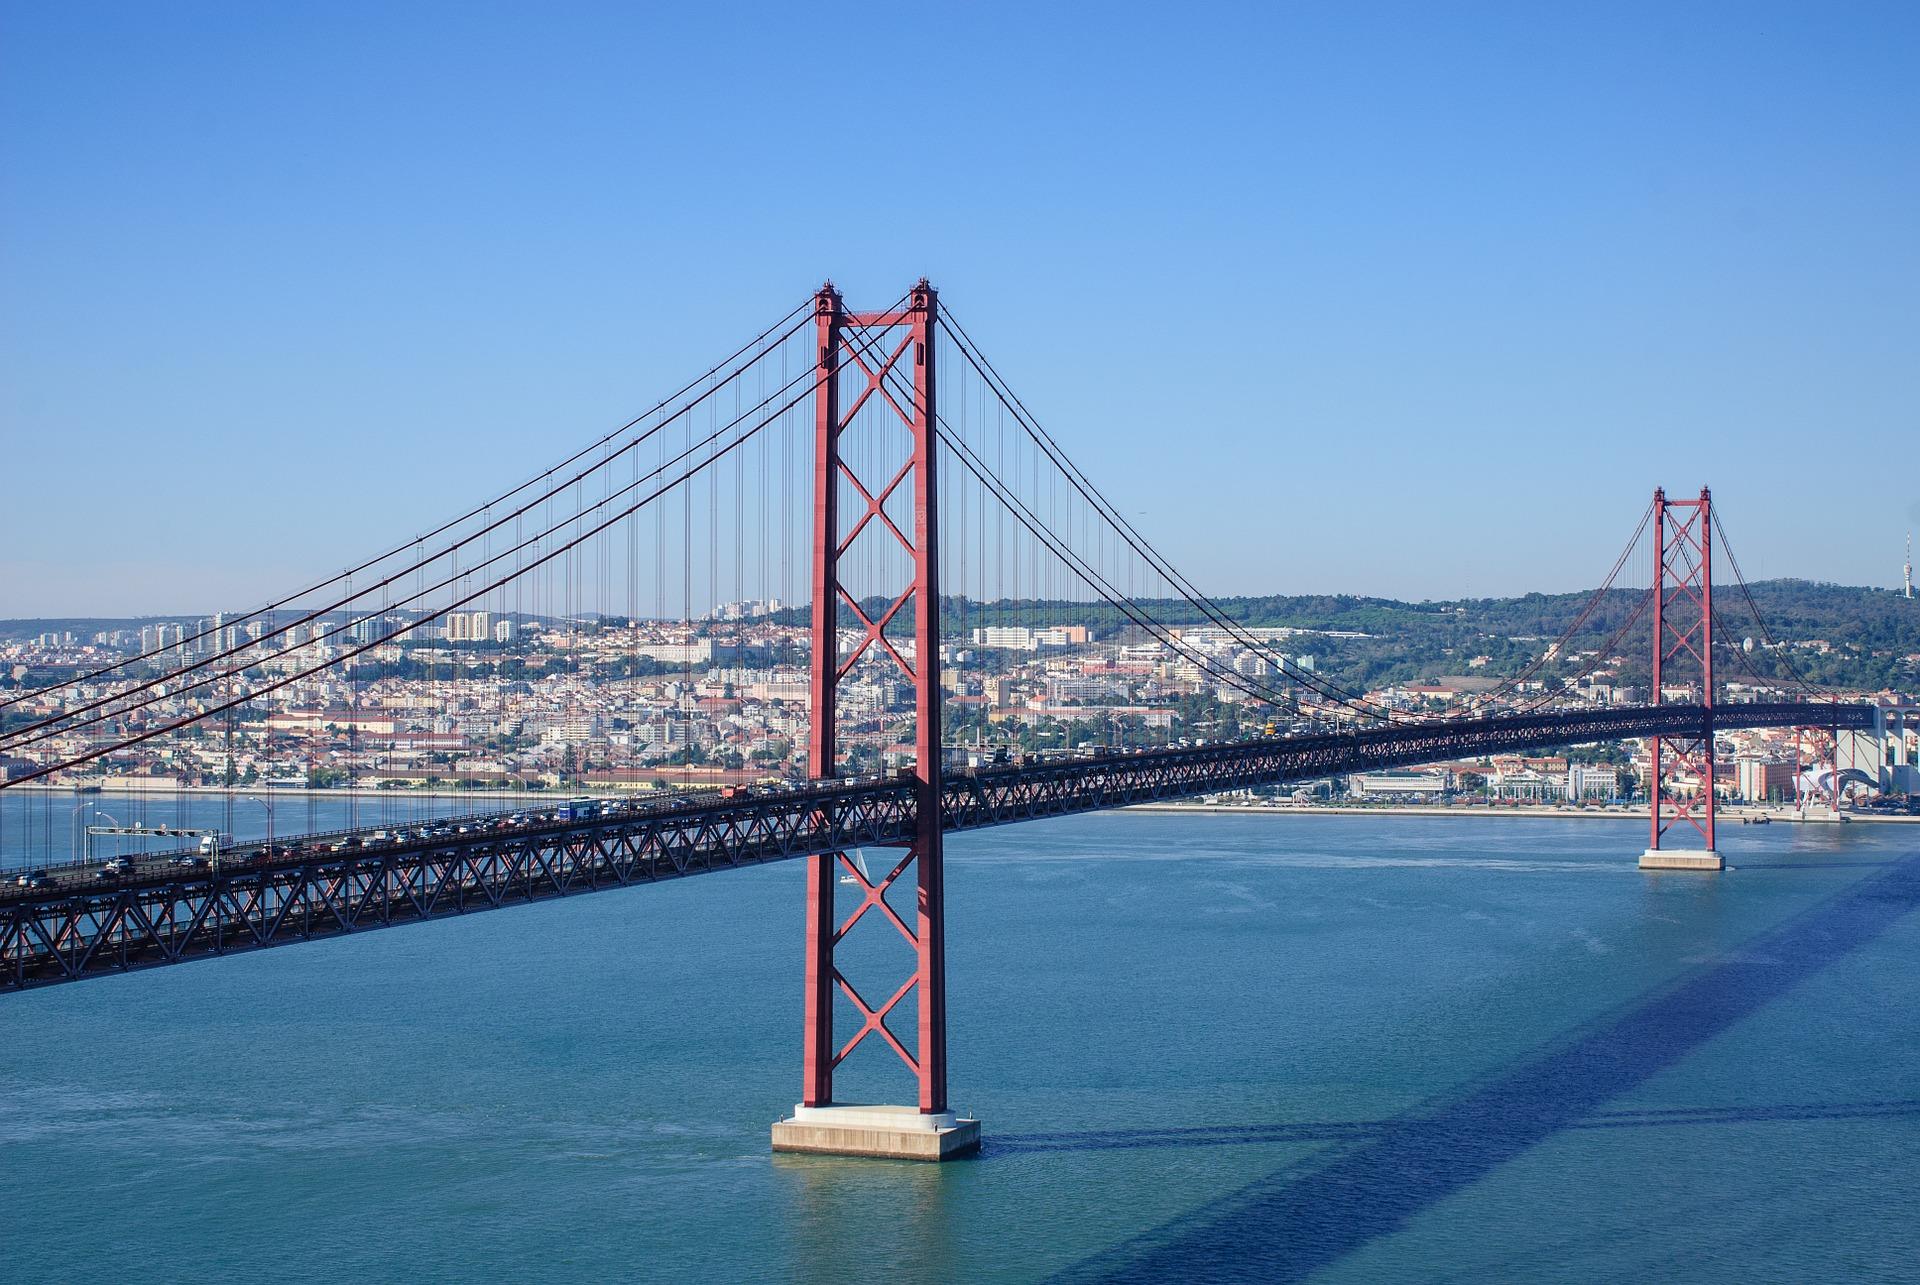 Rund um die Iberische Halbinsel - Bild